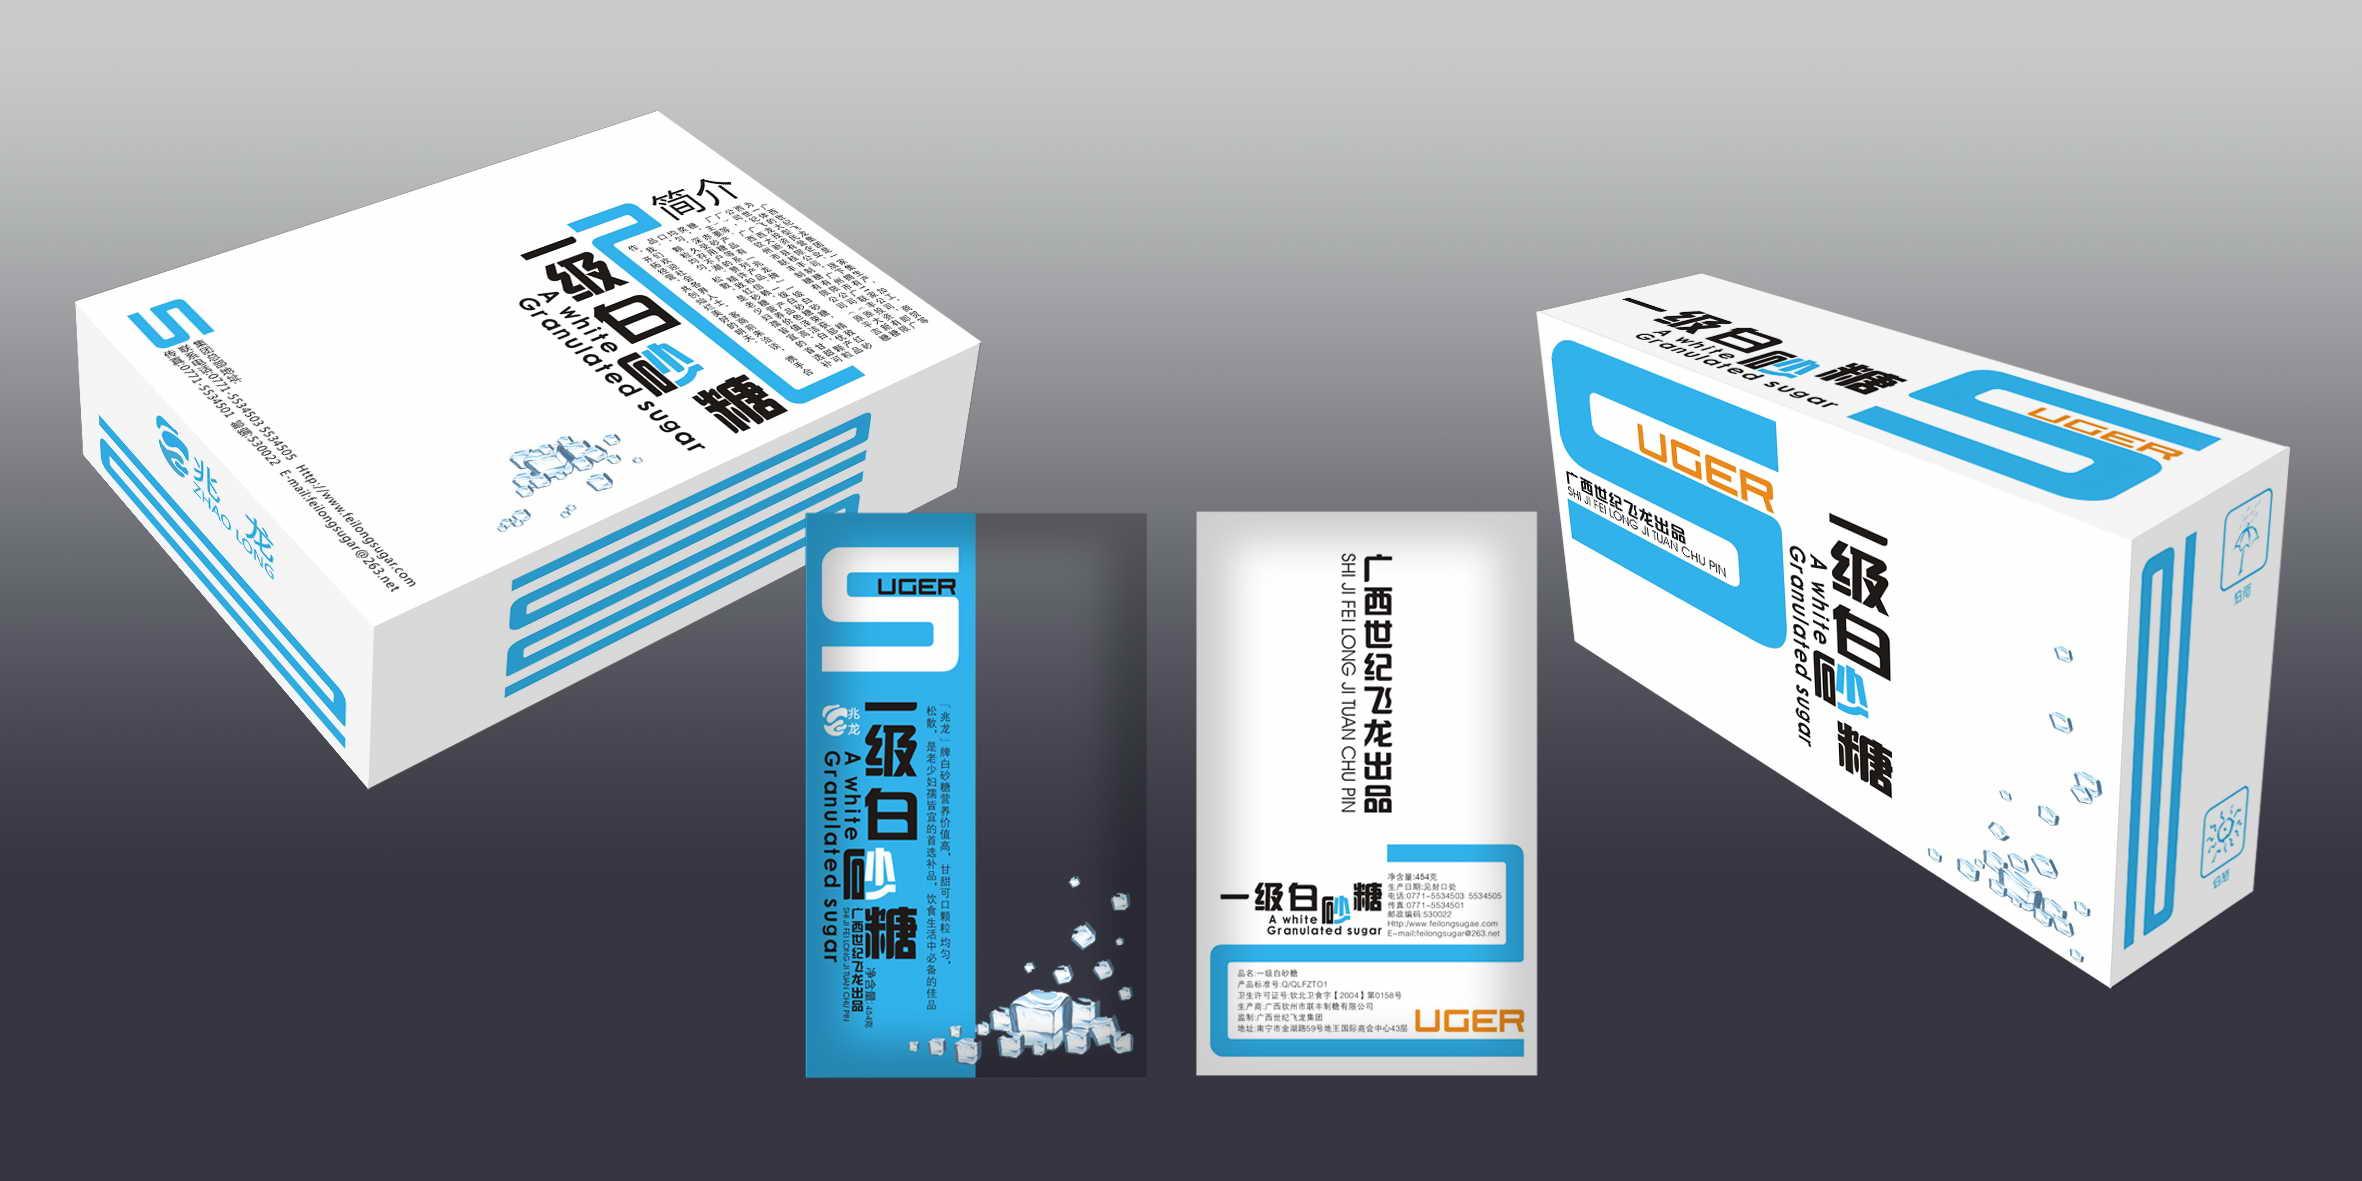 白砂糖包装_食品_包装_原创设计 第一设计网 - 红动